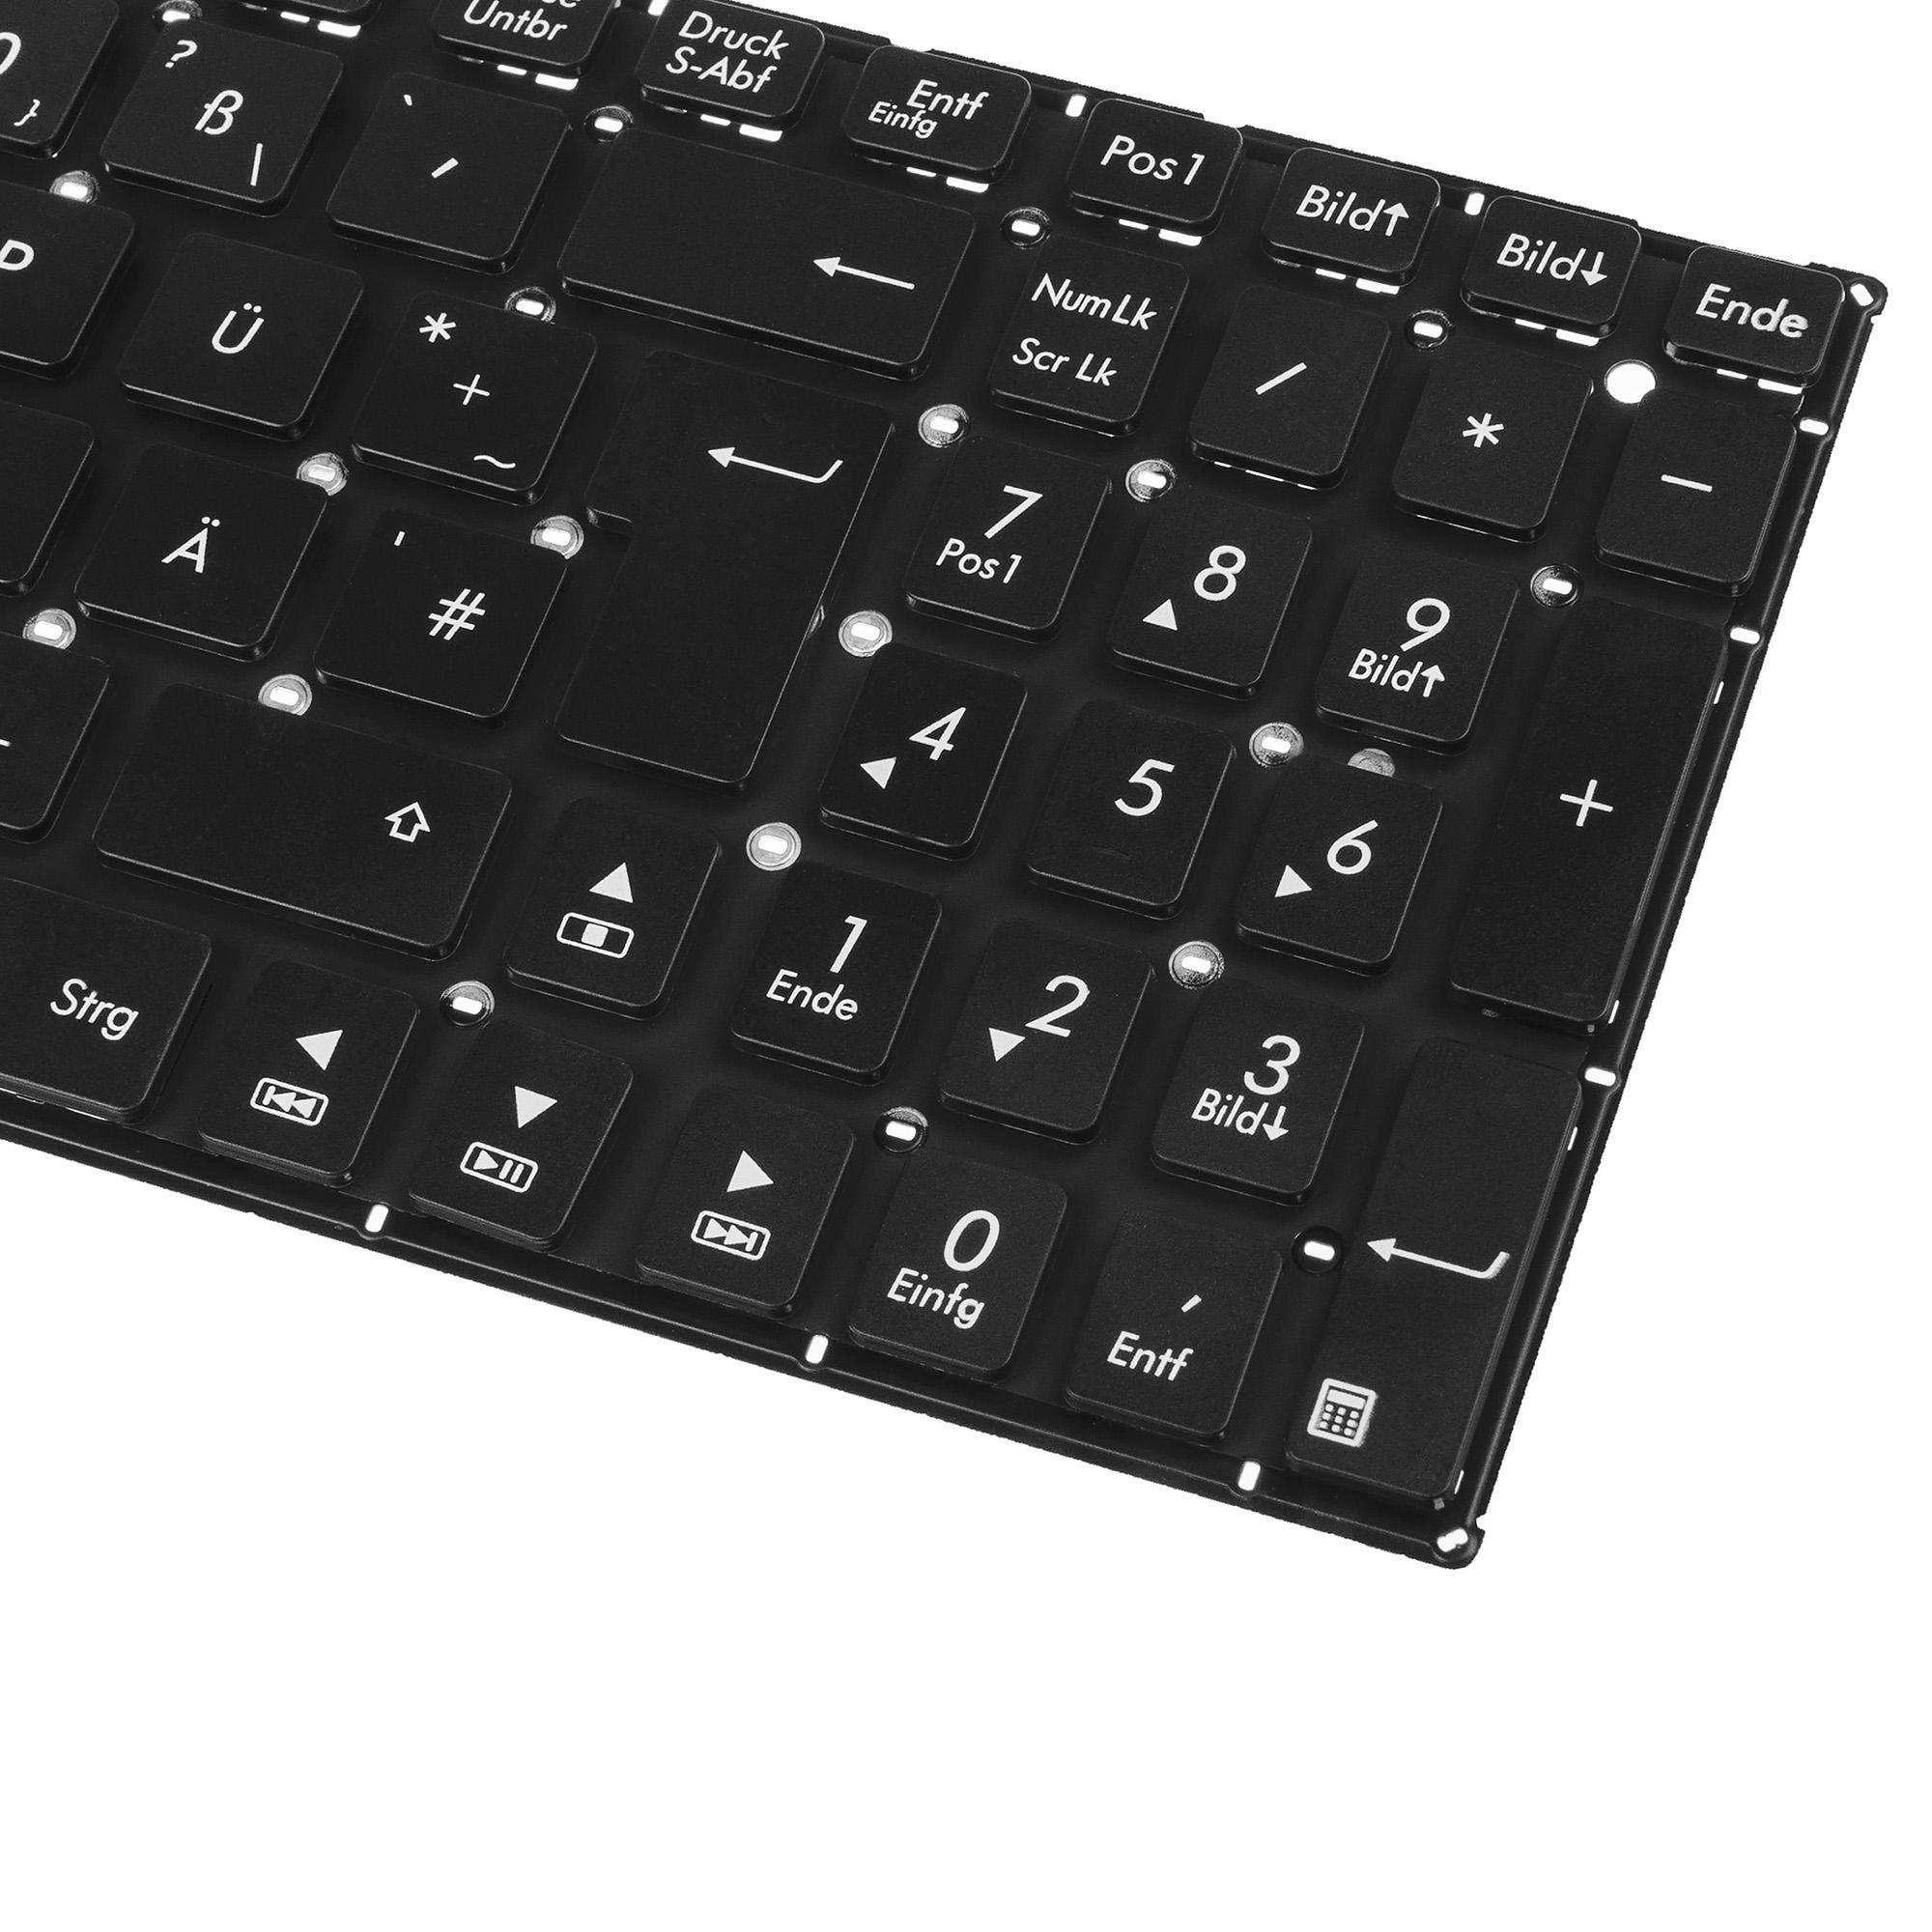 clavier pour ordinateur portable asus x550cl x550c x550vc x550lb qwertz eur 26 95. Black Bedroom Furniture Sets. Home Design Ideas